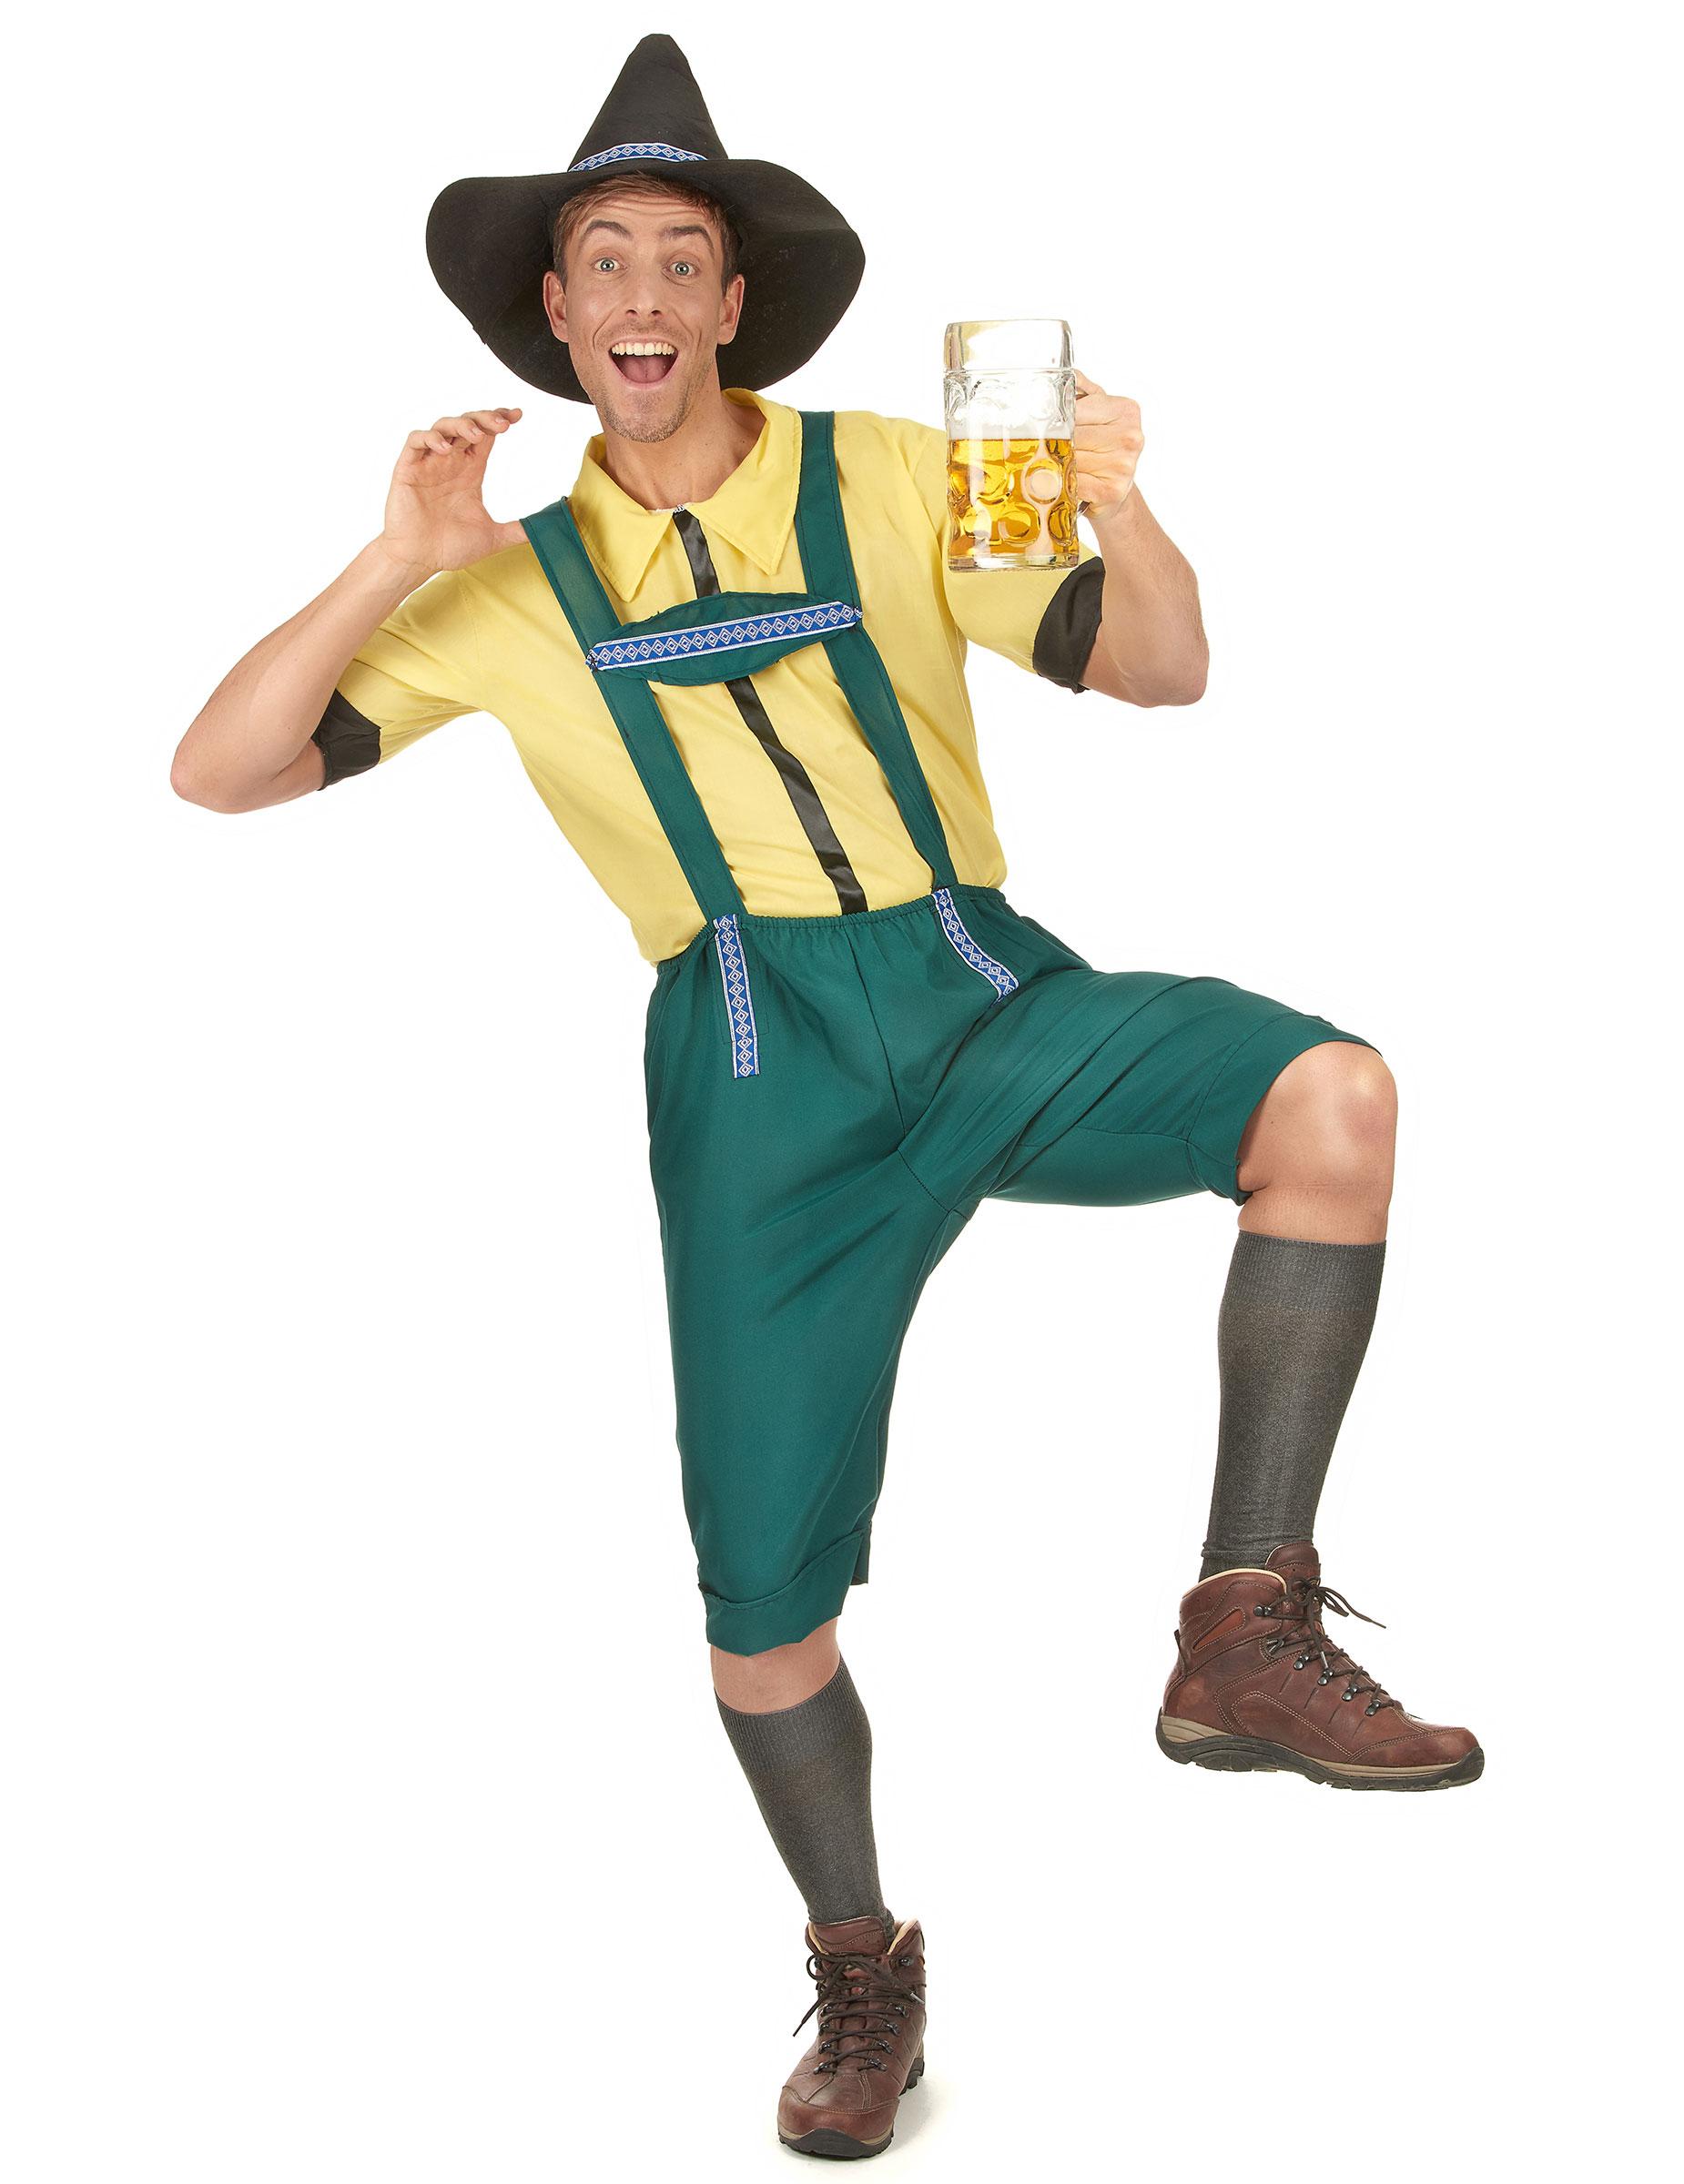 Bayrisches Kostüm Lederhose für Herren mit Hut grün-gelb - L 46128